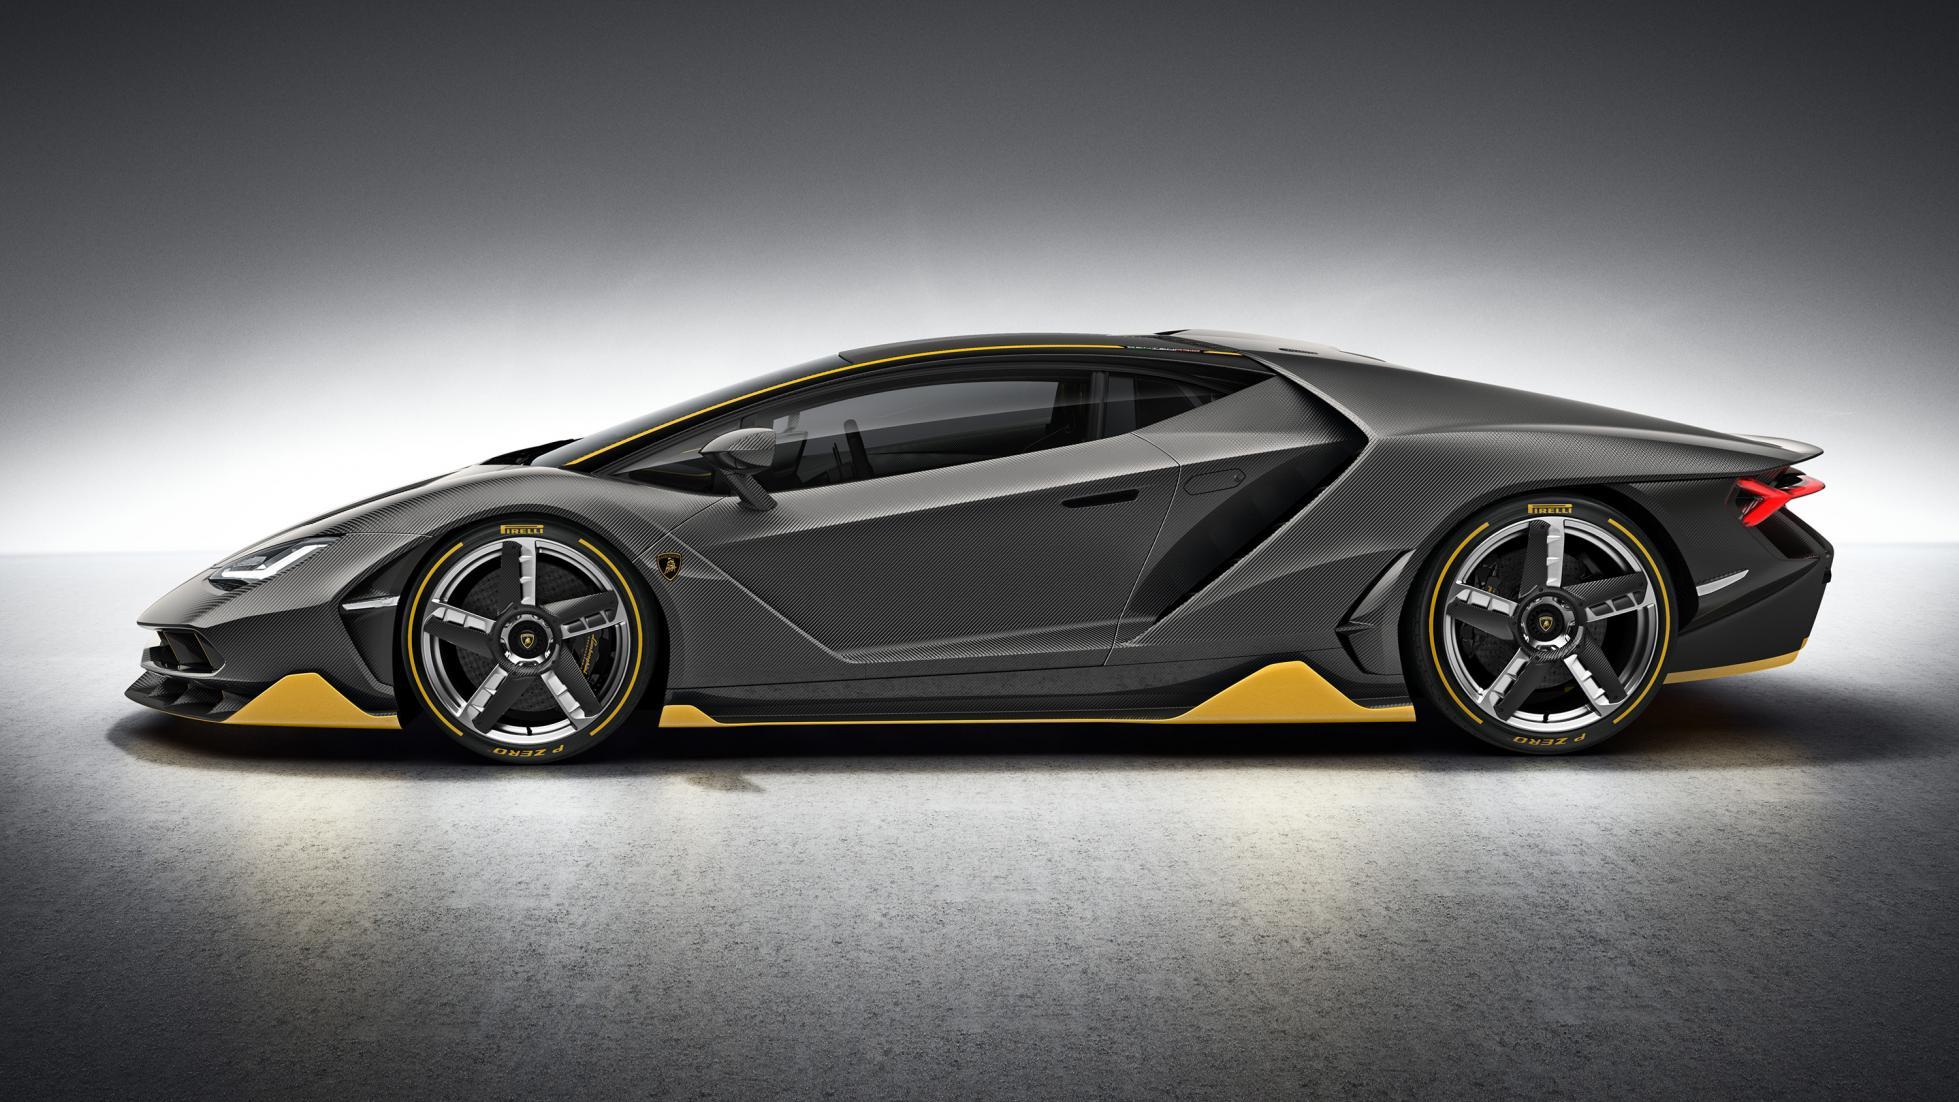 Lamborghini Centenario Side View Hd Cars 4k Wallpapers Images